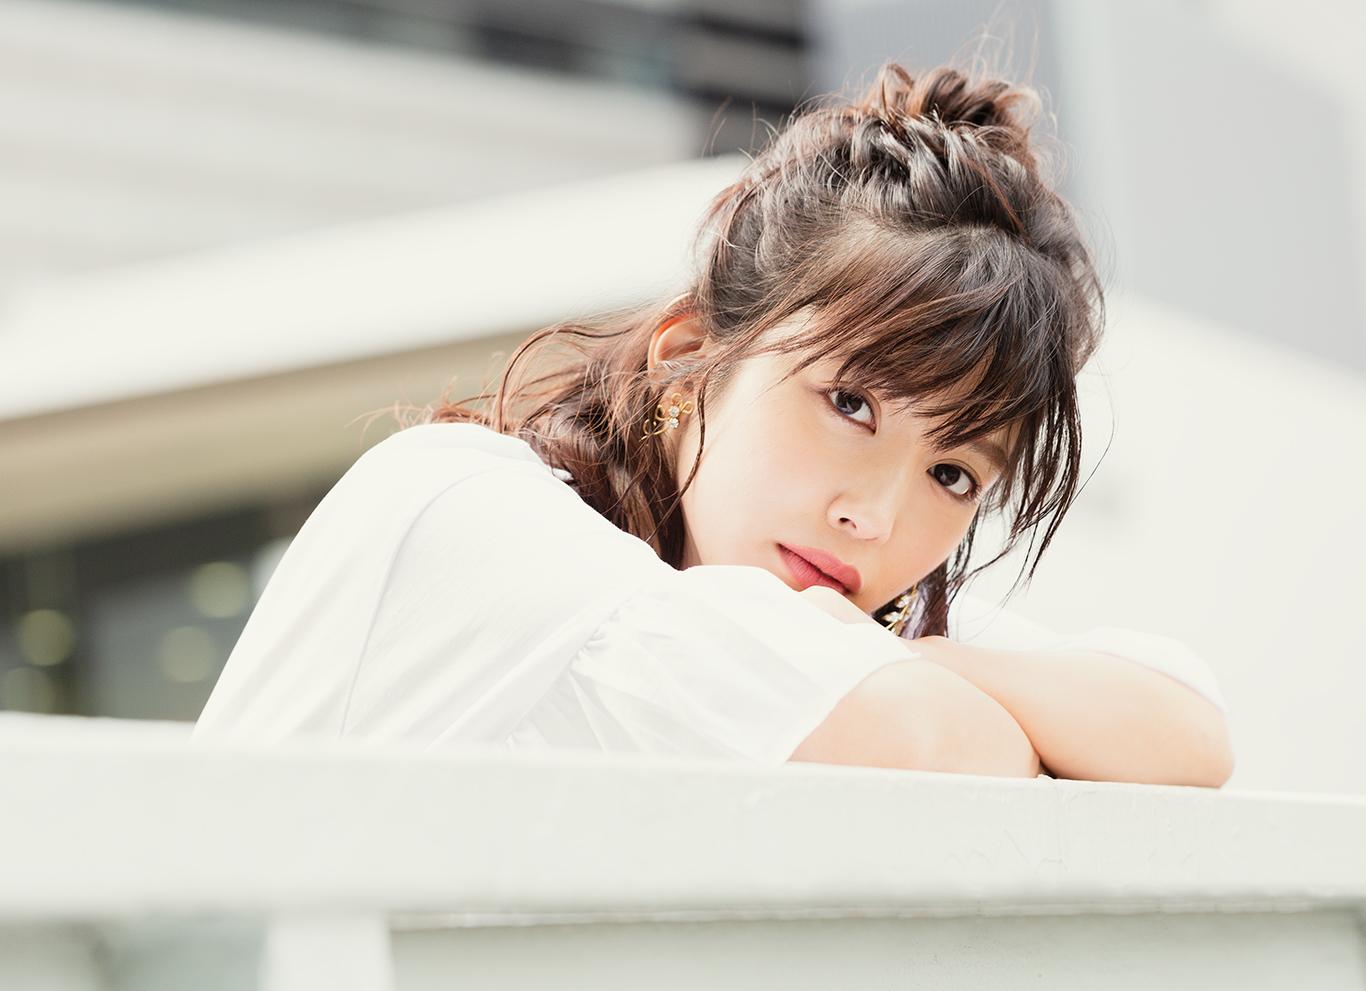 可愛い女の子は元気をくれる存在。『仮面ライダー』ヒロイン・松田るかとオタトーク